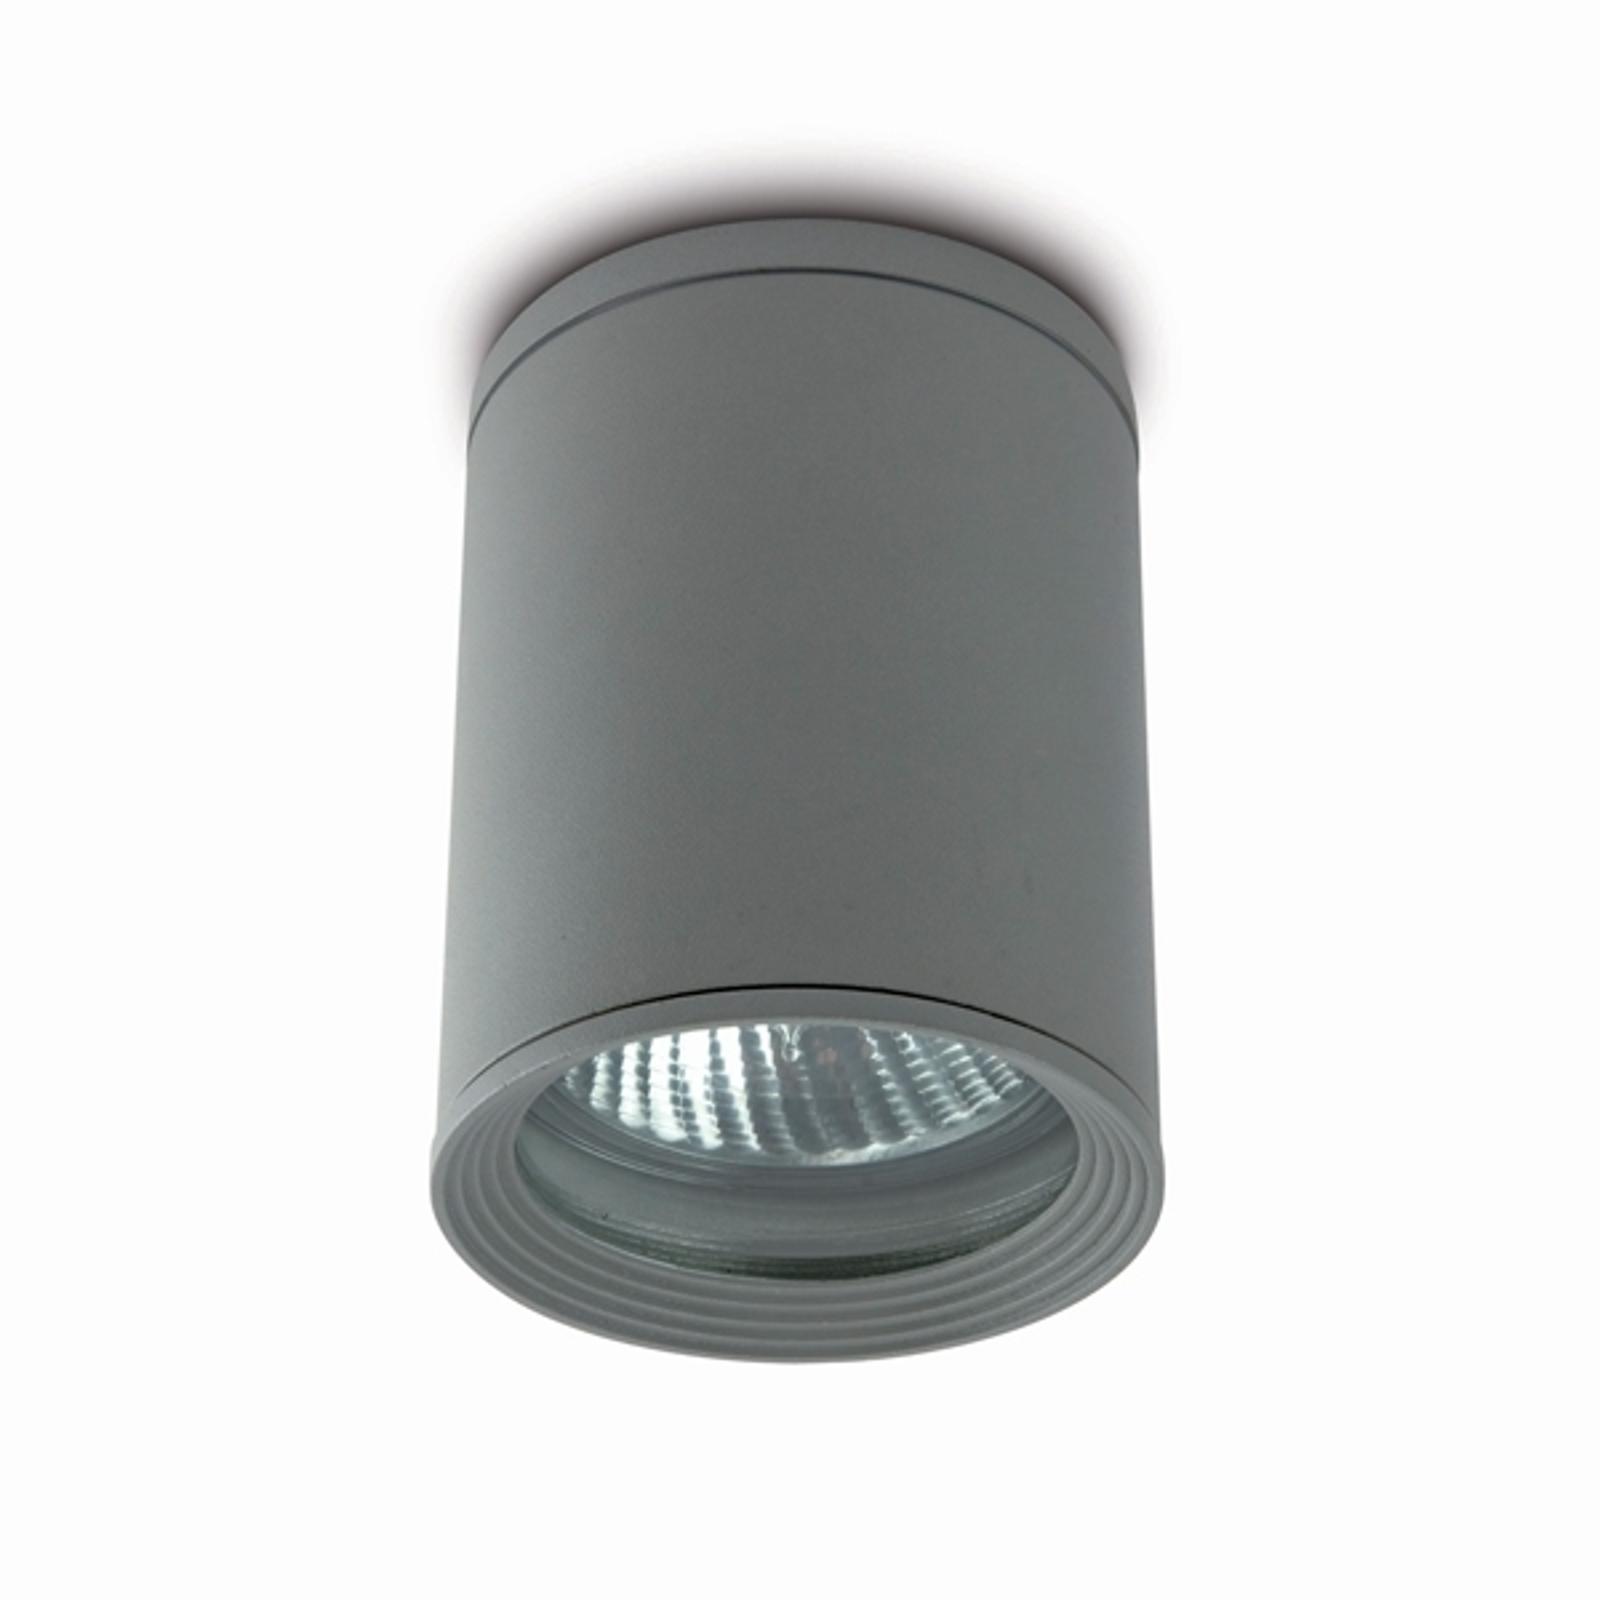 Vysoce kvalitní venkovní stropní svítidlo Tasa